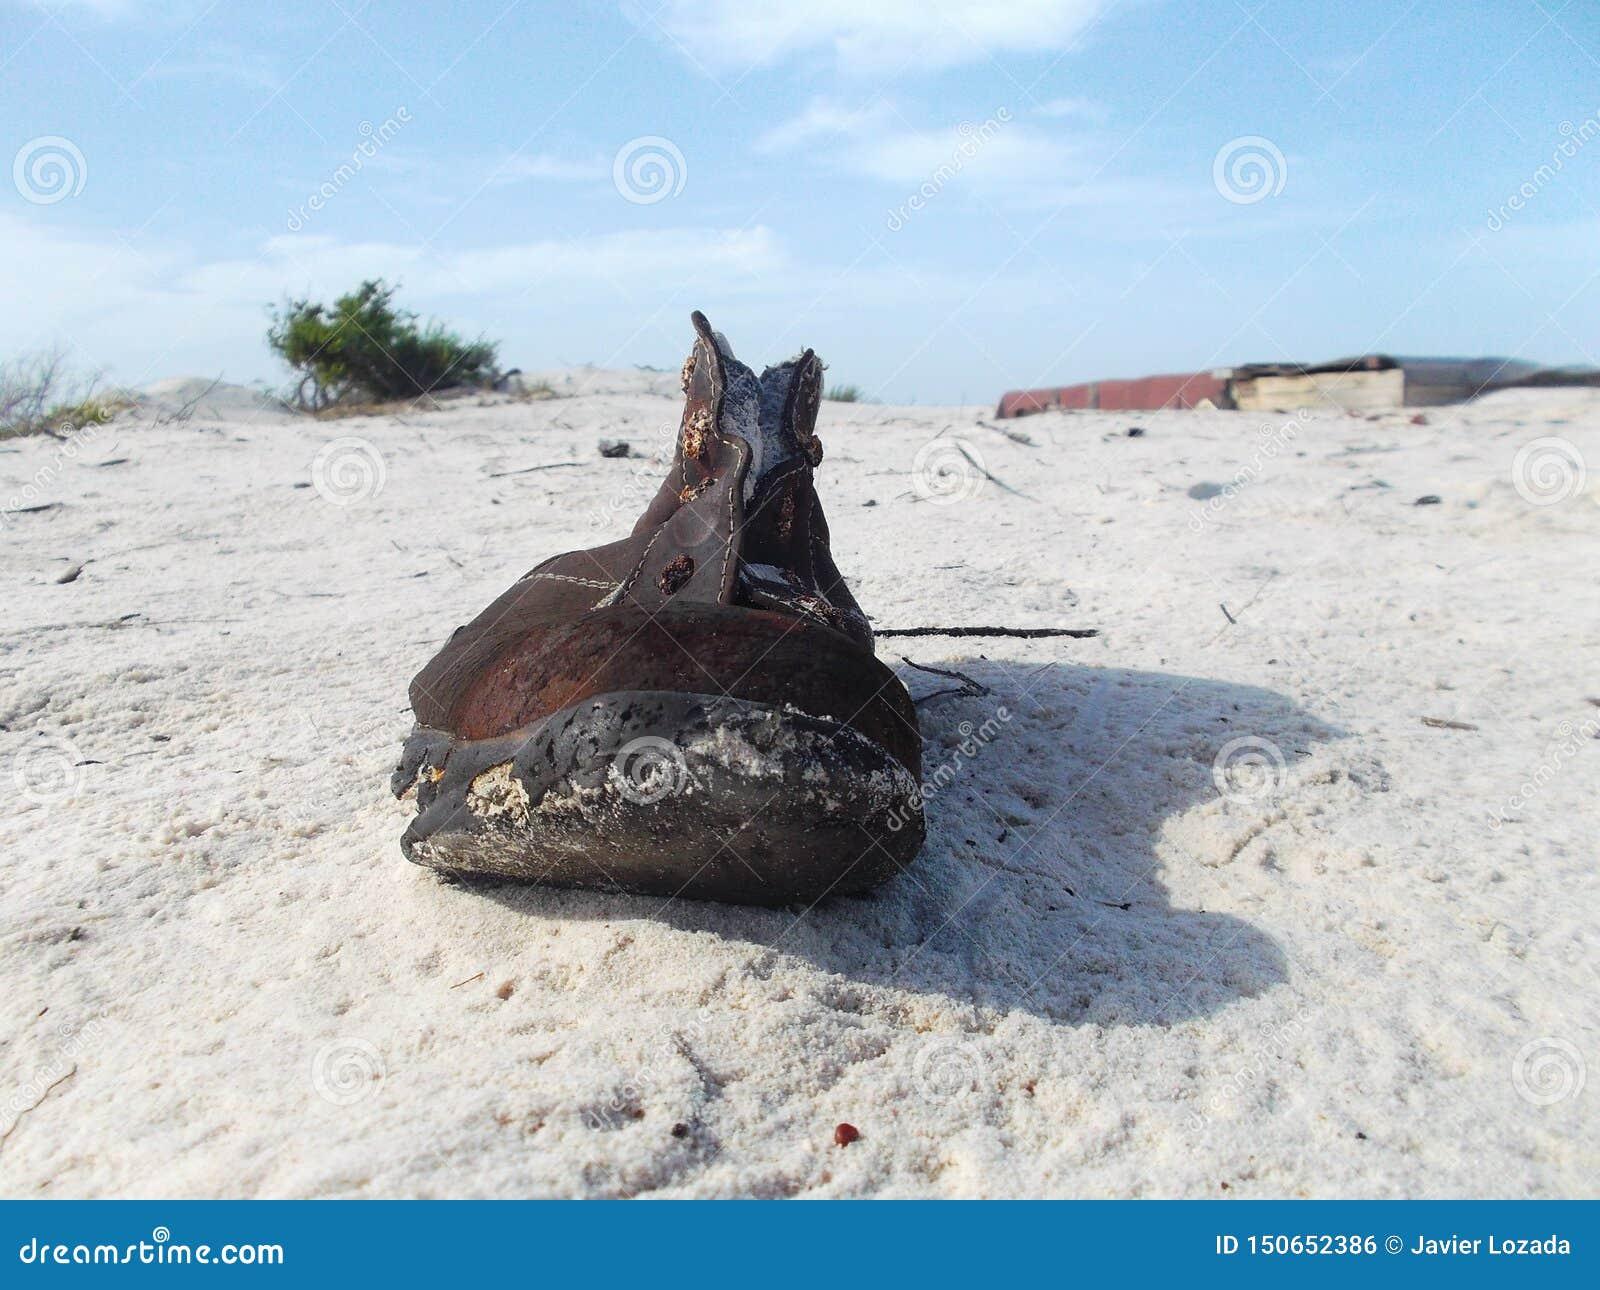 Att kroppen fanns på stranden, om det var precis kängan dem, kastade